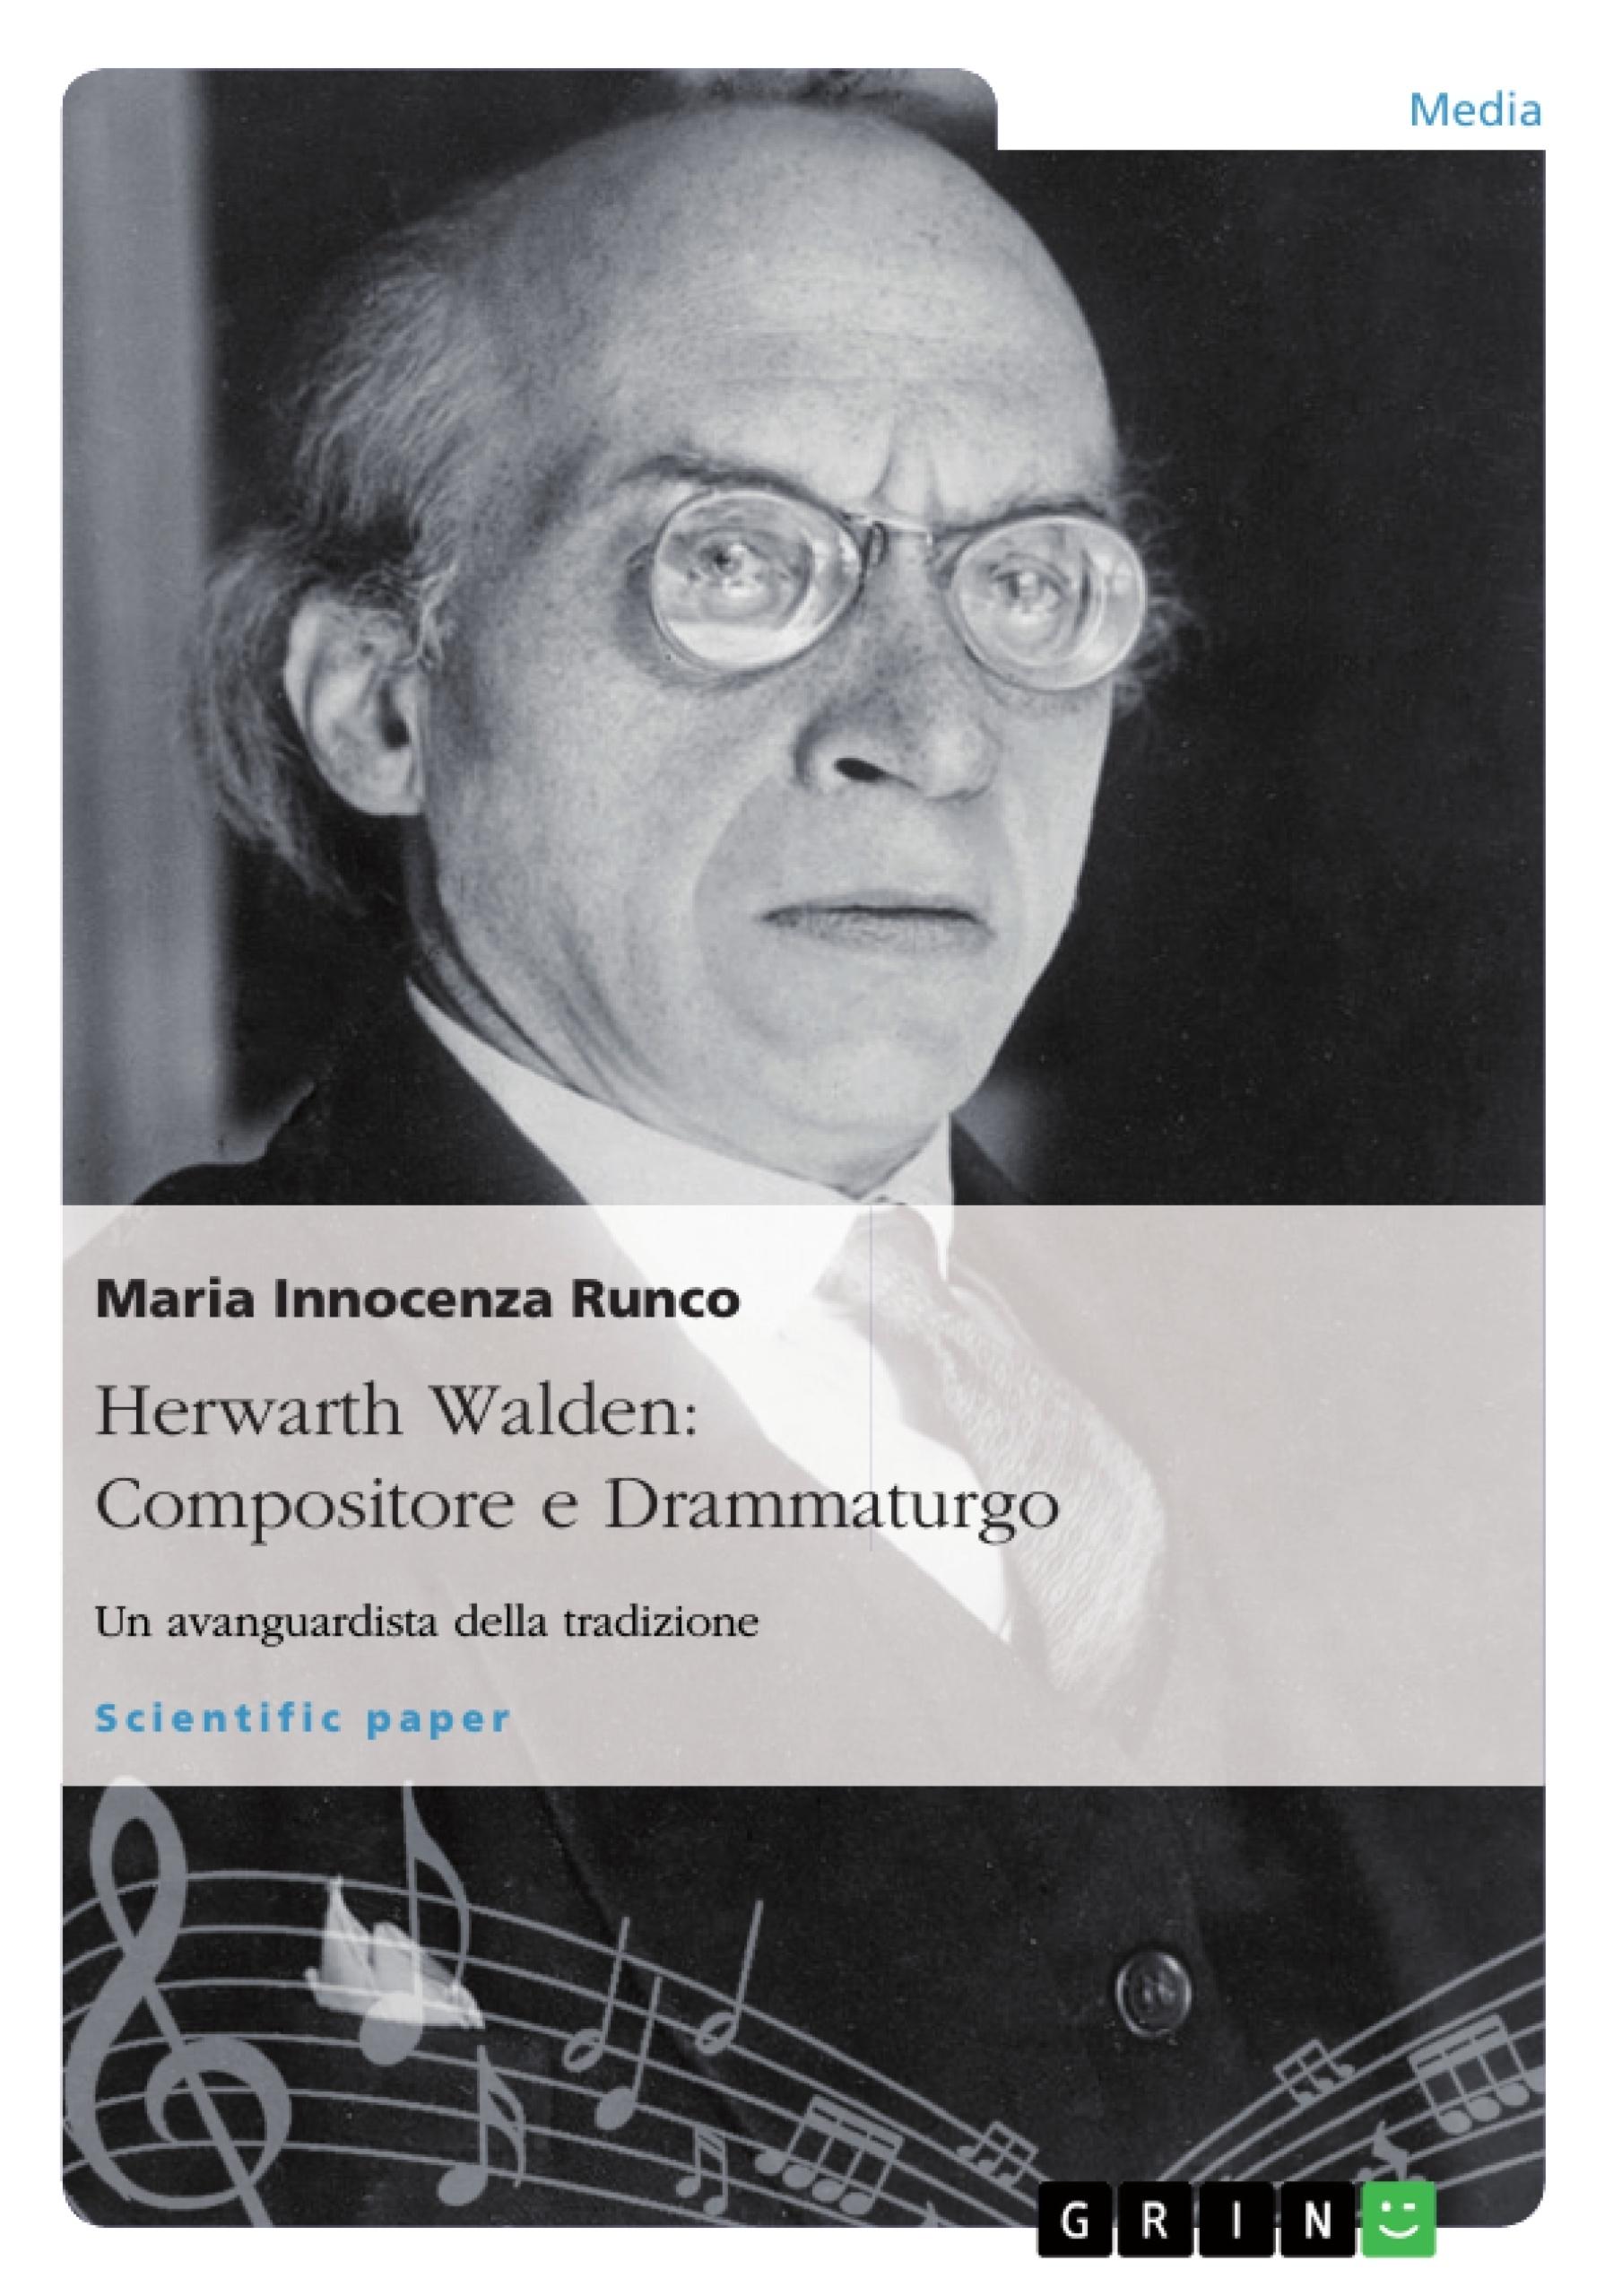 Title: Herwarth Walden: Compositore e Drammaturgo. Un avanguardista della tradizione